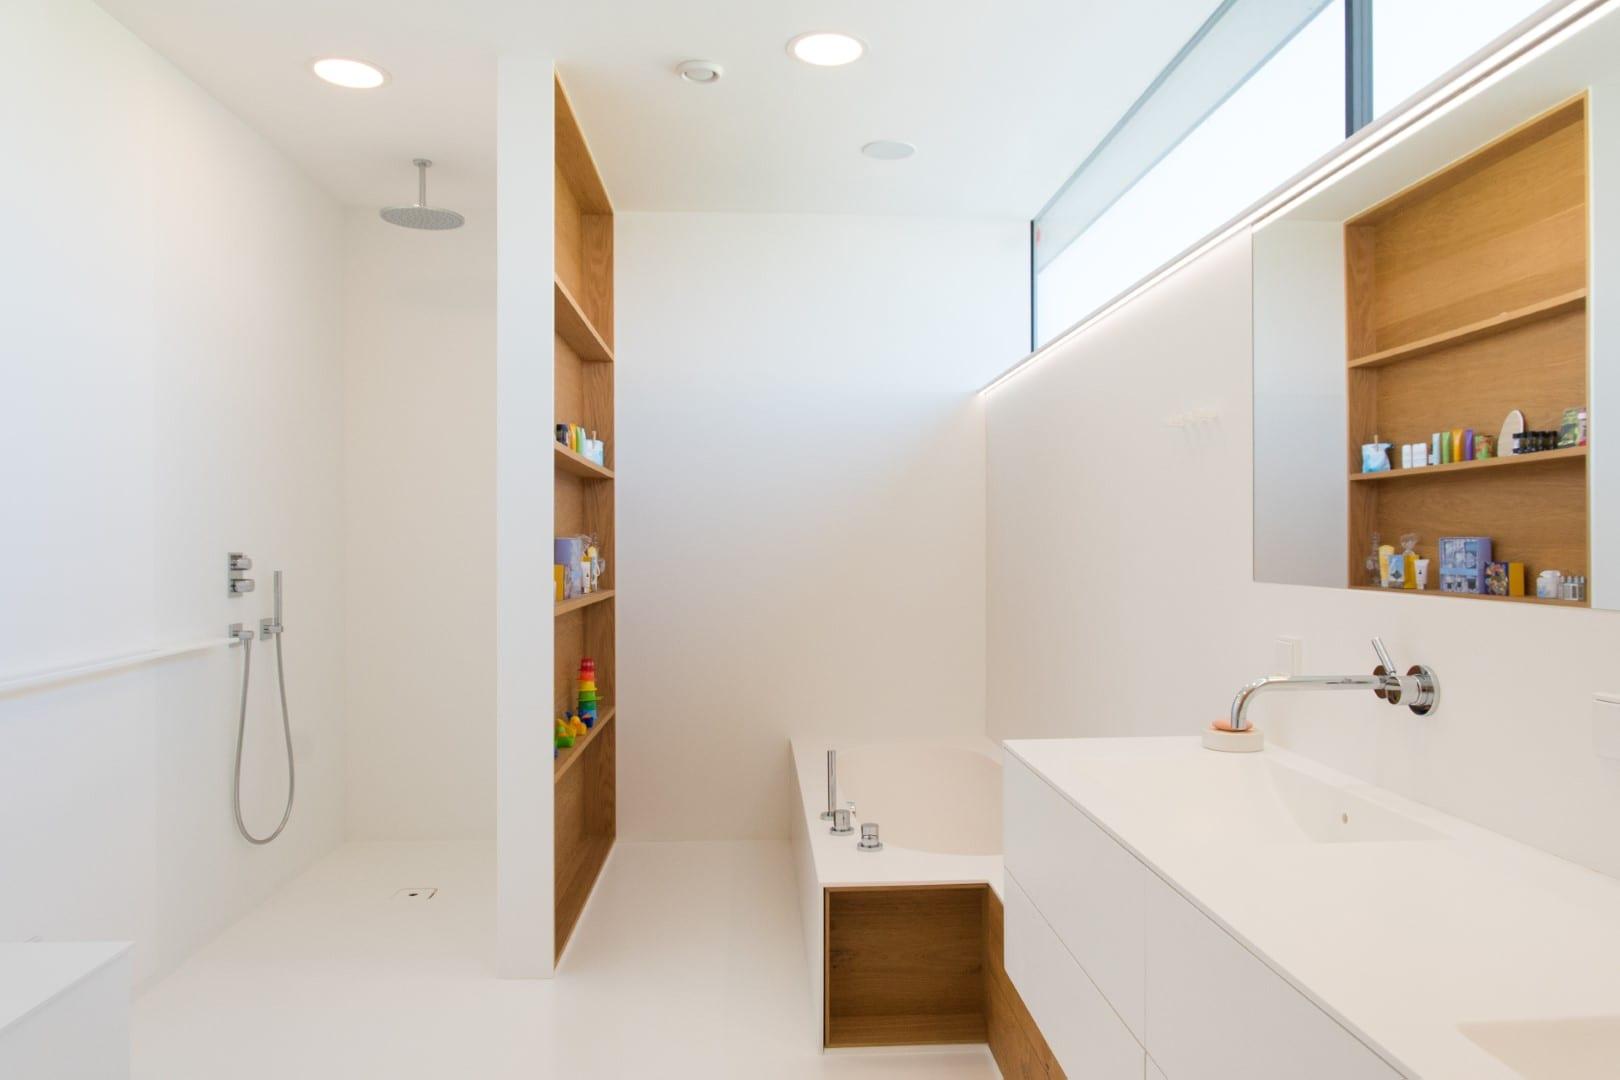 Sanitär • angenehme Atmosphäre im Badezimmer   naturwerk